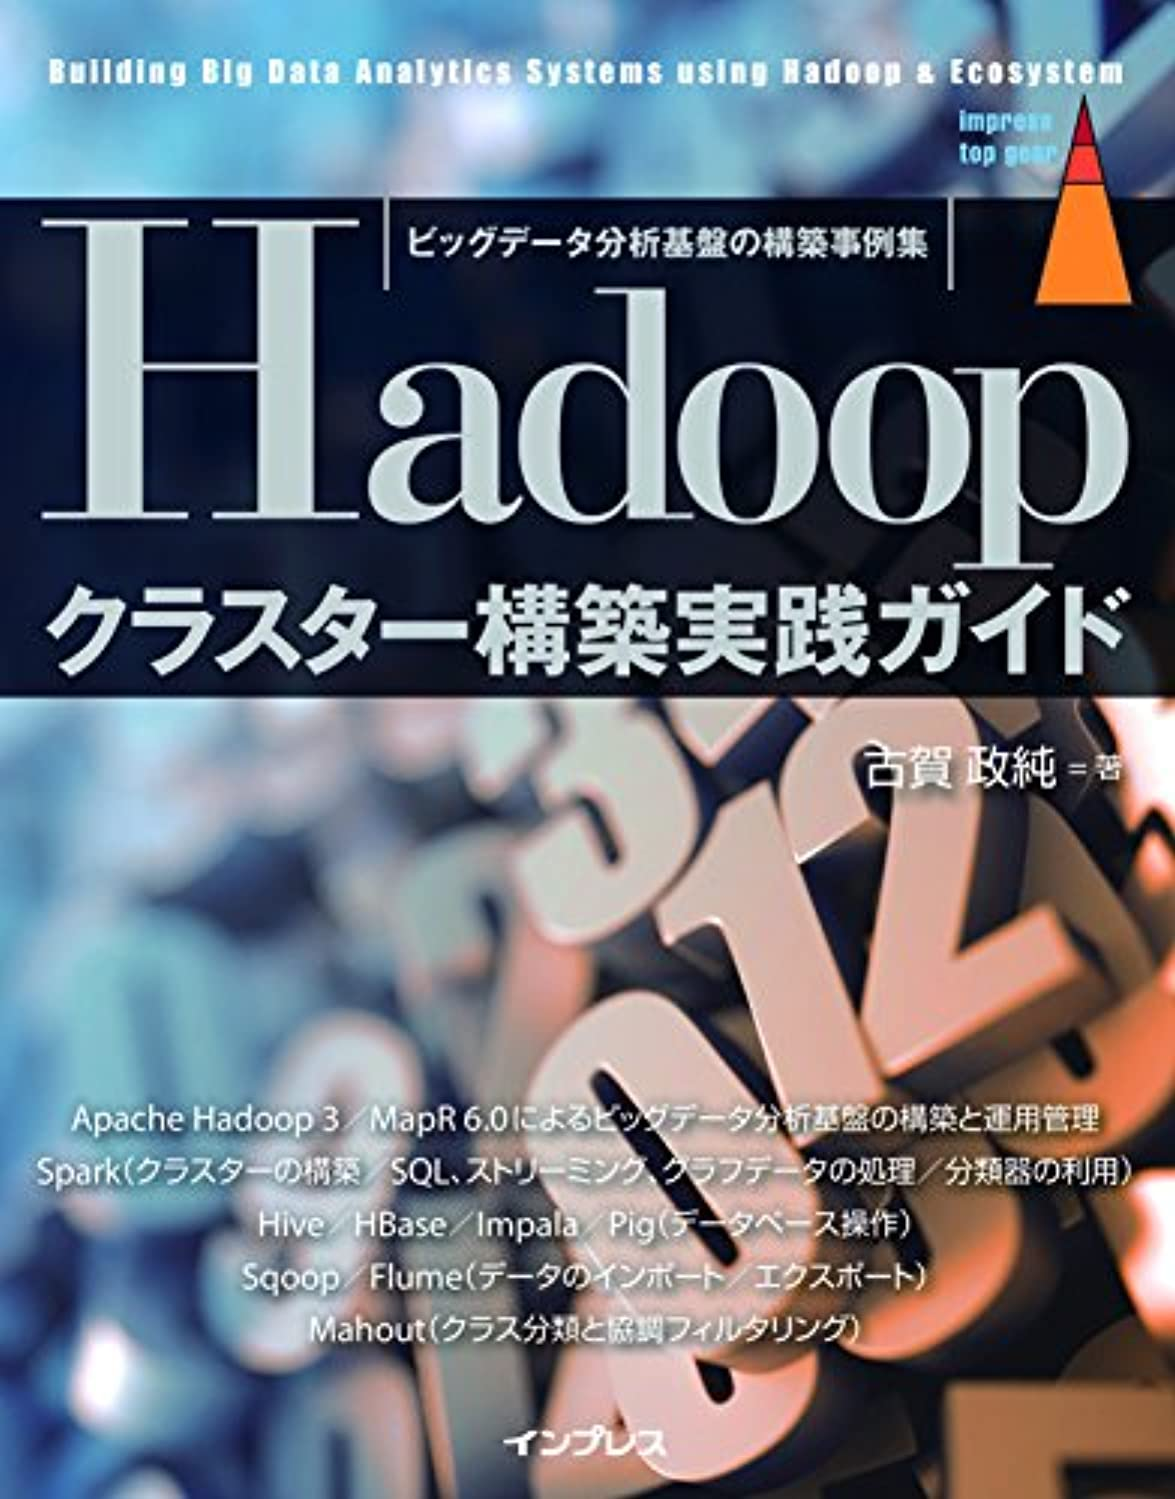 成長する保証する雇用ビッグデータ分析基盤の構築事例集 Hadoop クラスター構築実践ガイド (impress top gear)